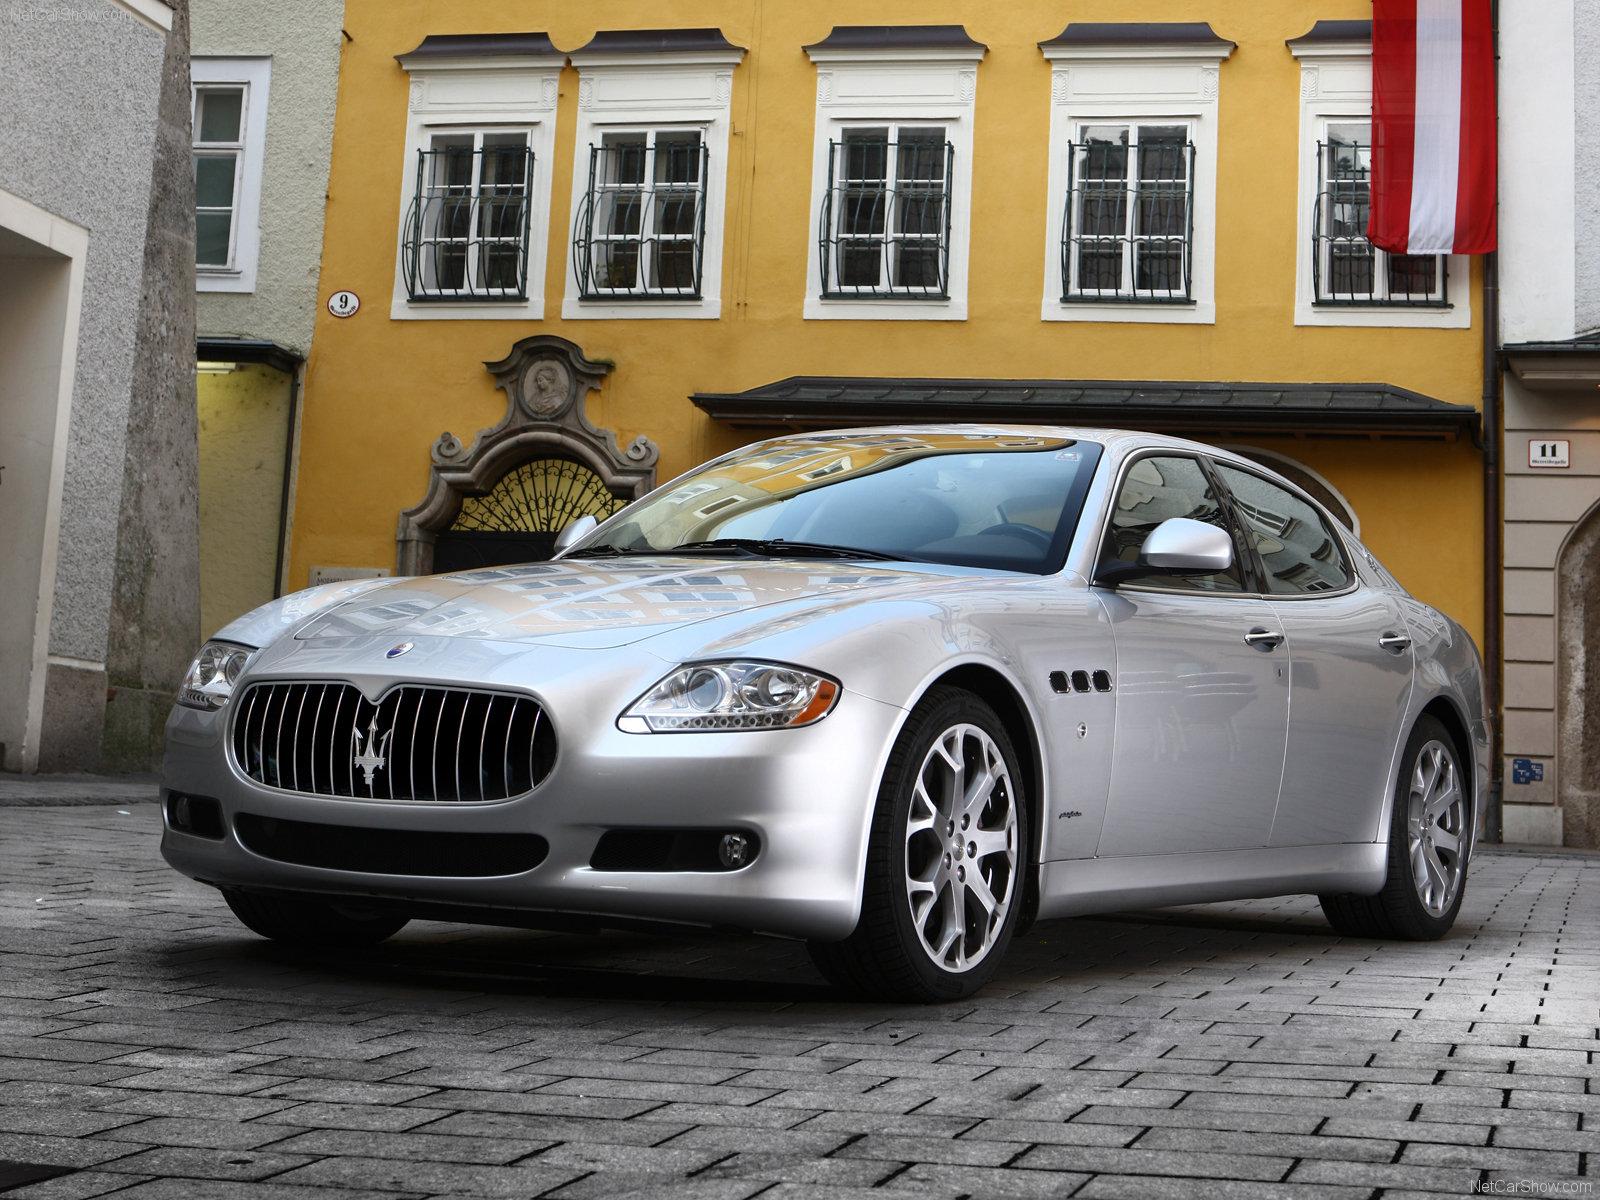 Hình ảnh siêu xe Maserati Quattroporte 2009 & nội ngoại thất